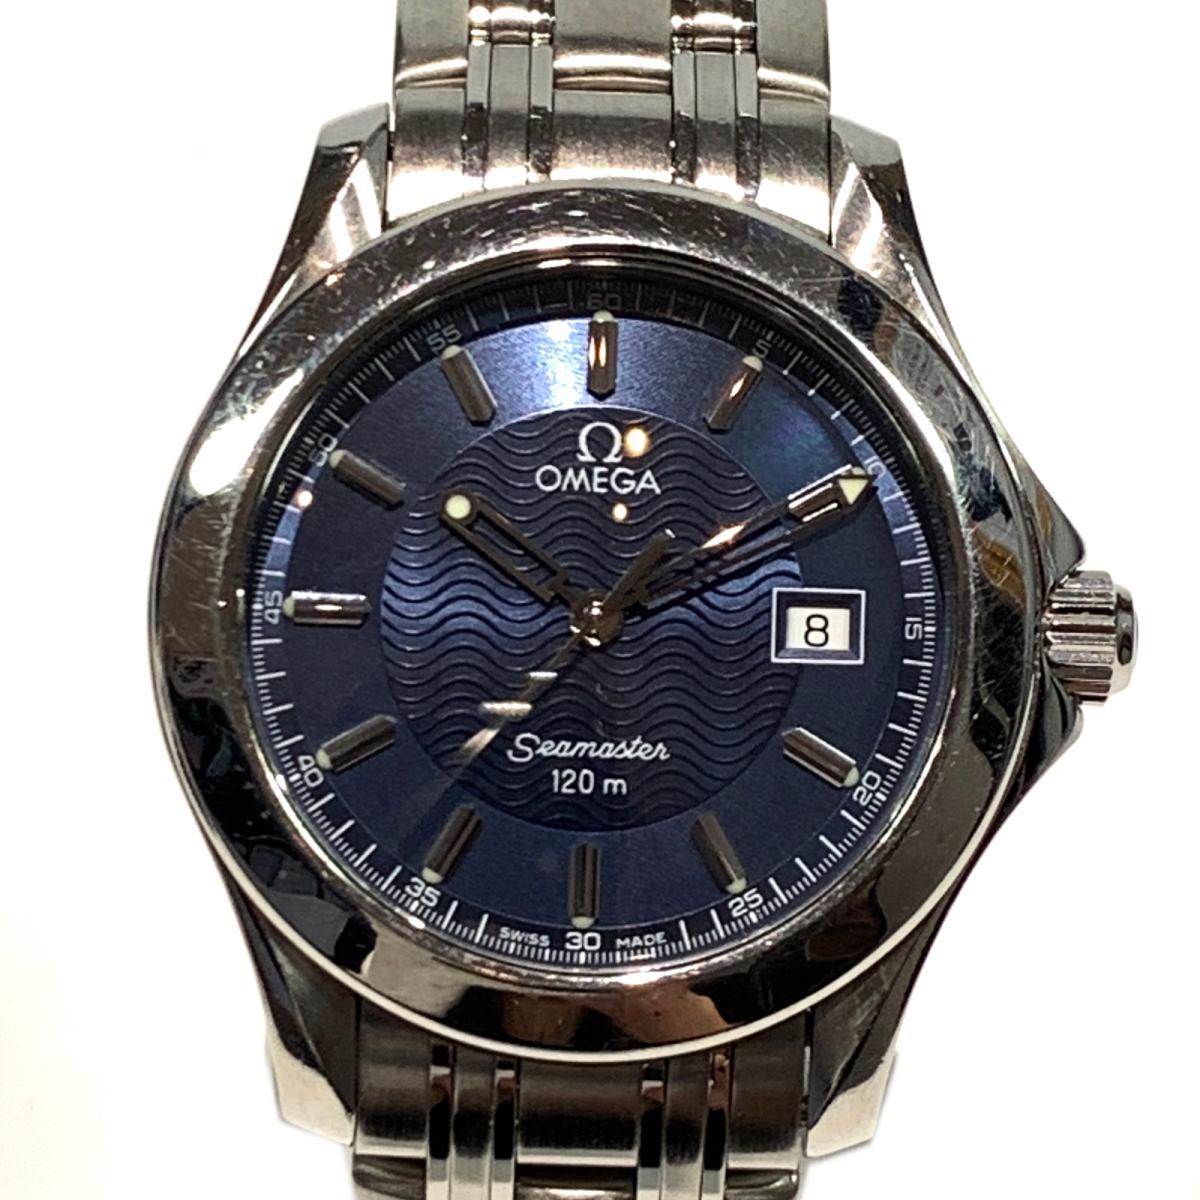 【中古】オメガ シーマスター120 腕統計 ウォッチ メンズ ステンレススチール (SS) シルバー x ネイビー (2511.81) | OMEGA BRANDOFF ブランドオフ ブランド ブランド時計 ブランド腕時計 腕時計 時計